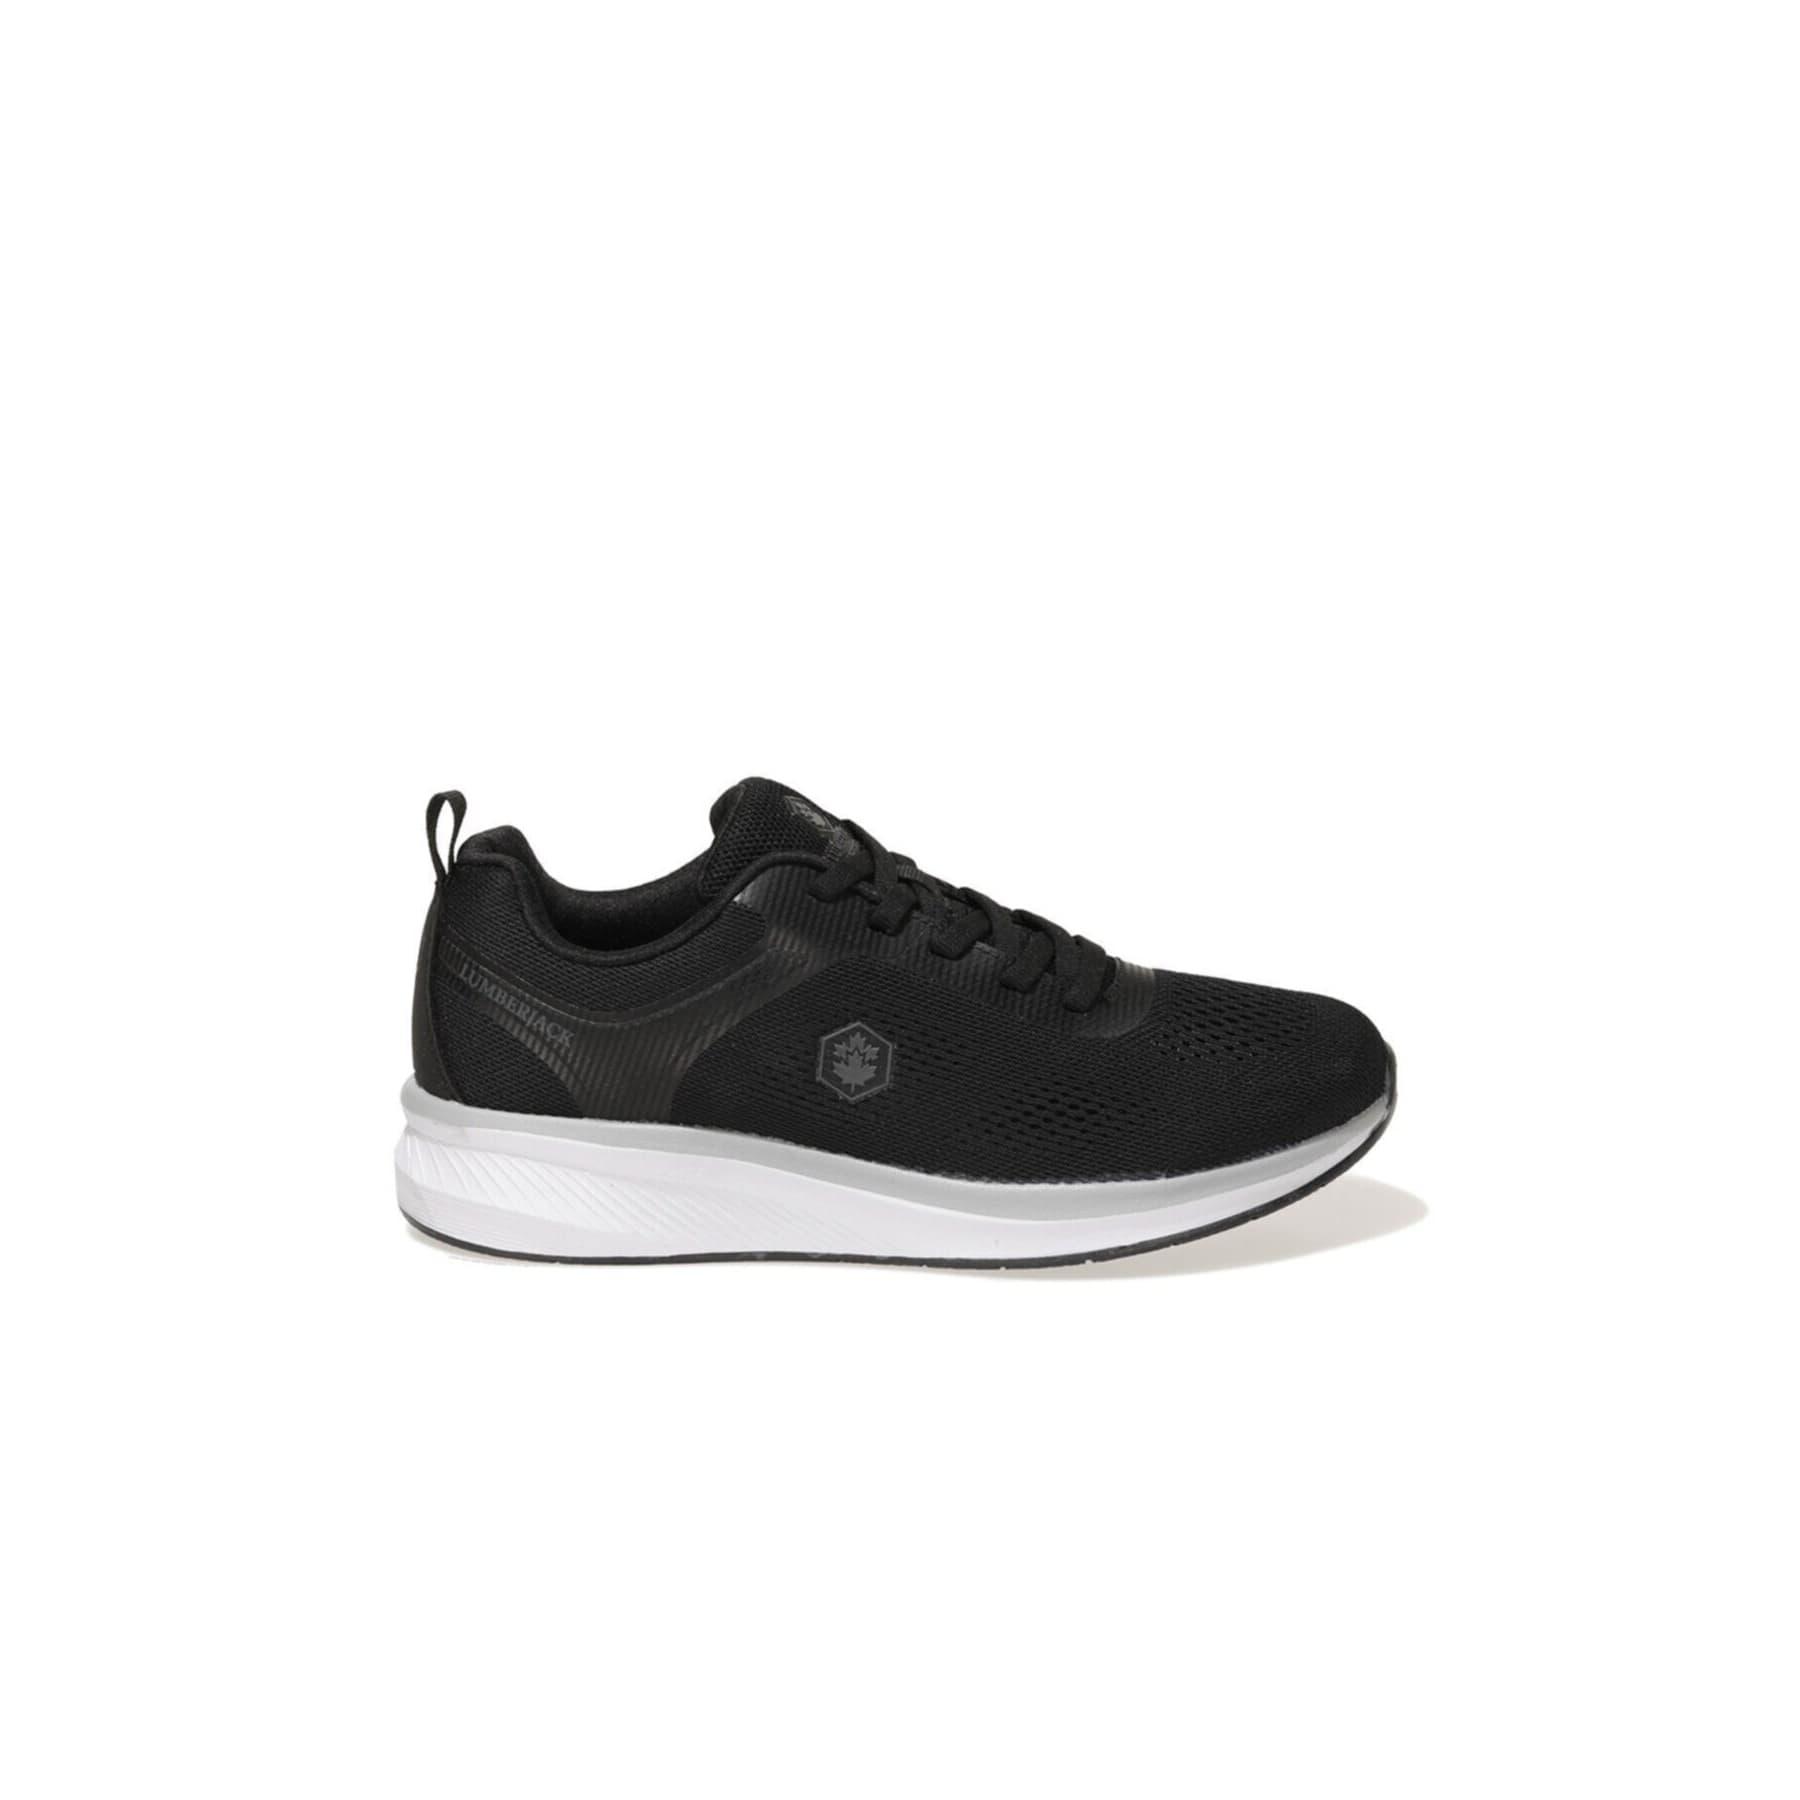 Expose Kadın Siyah Koşu Ayakkabısı (100587155)